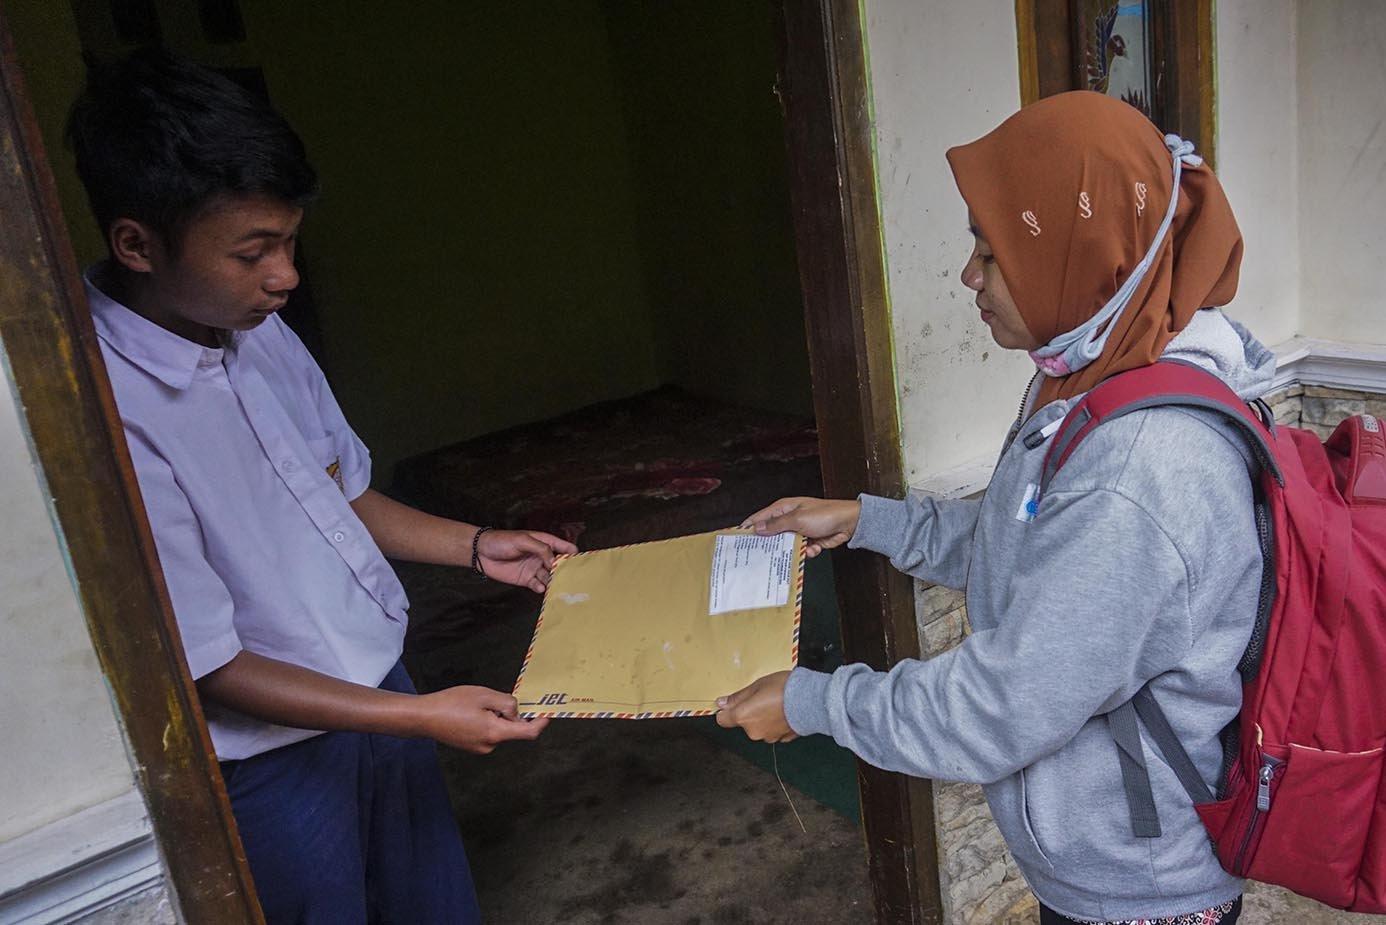 Siswa SMP N 4 Bawang, Dani Difanudin, menyerahkan lembar tugas sekolah kepada gurunya saat jemput bola di rumahnya di Pranten, Kecamatan Bawang, Kabupaten Batang, Jawa Tengah.\r\n\r\n